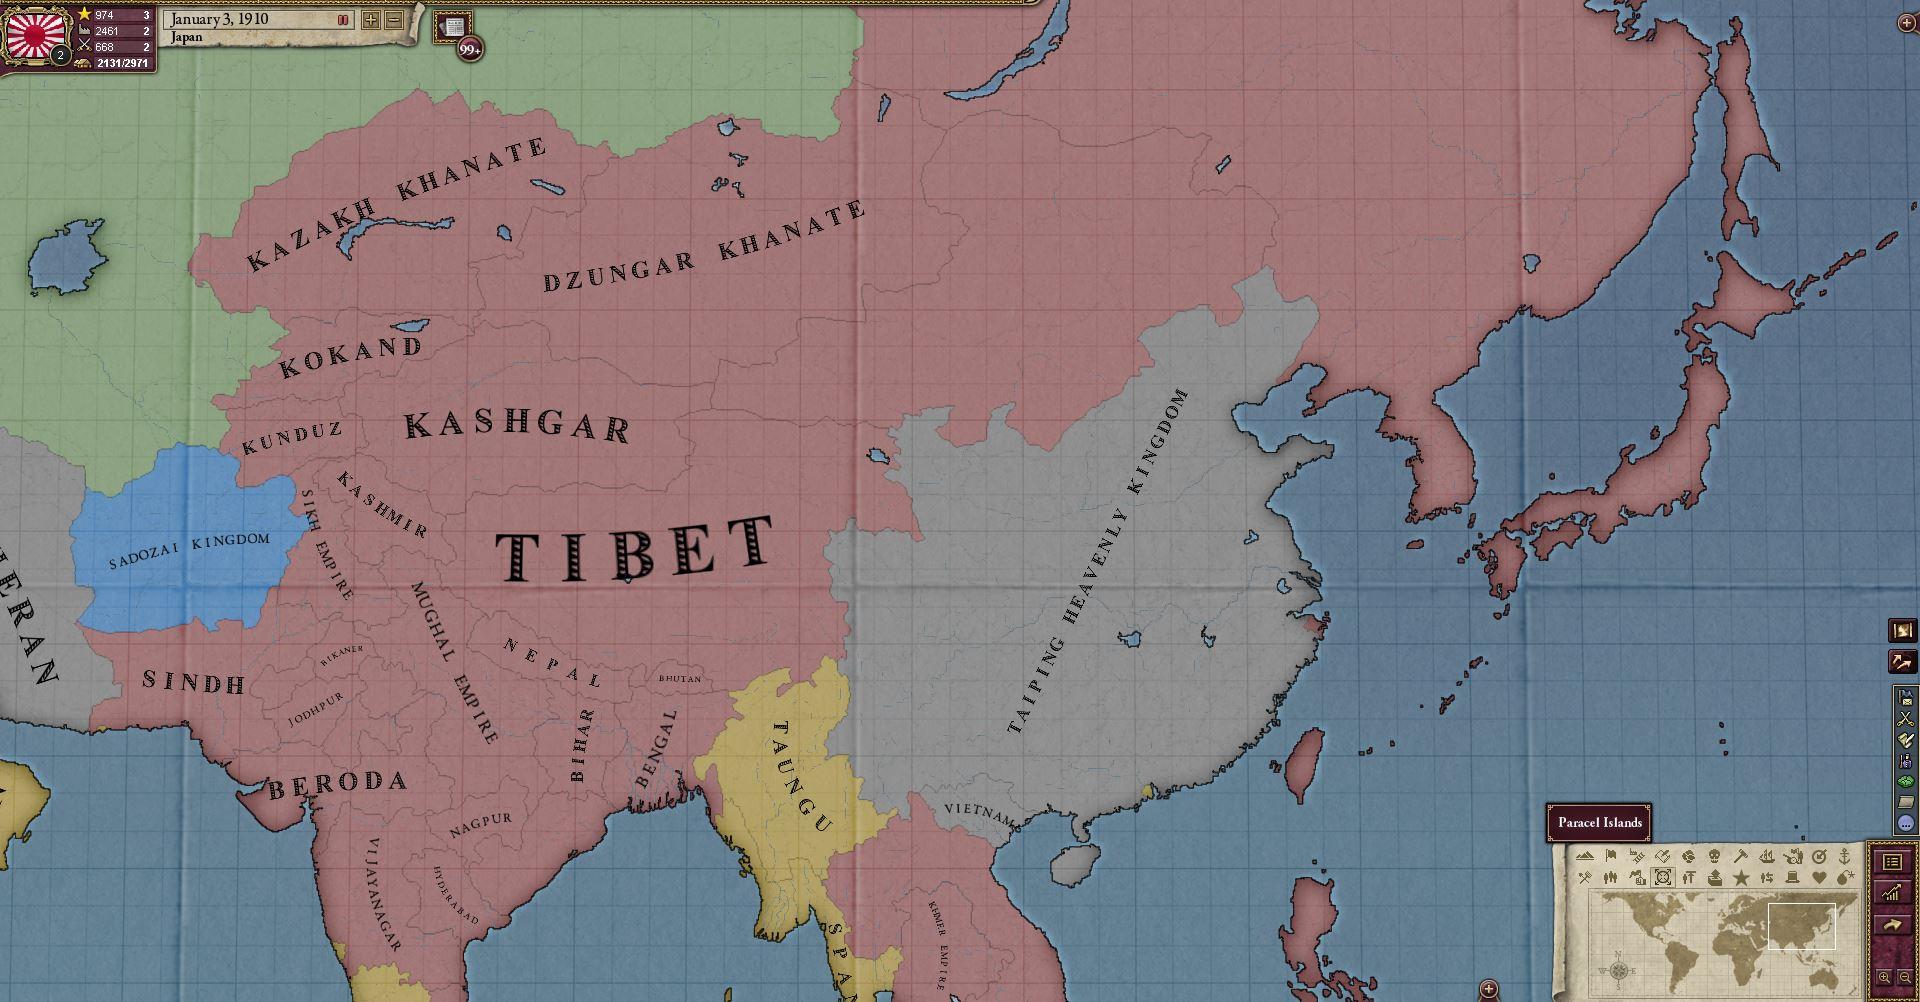 Asia_Co-Prosperty_Sphere.jpg